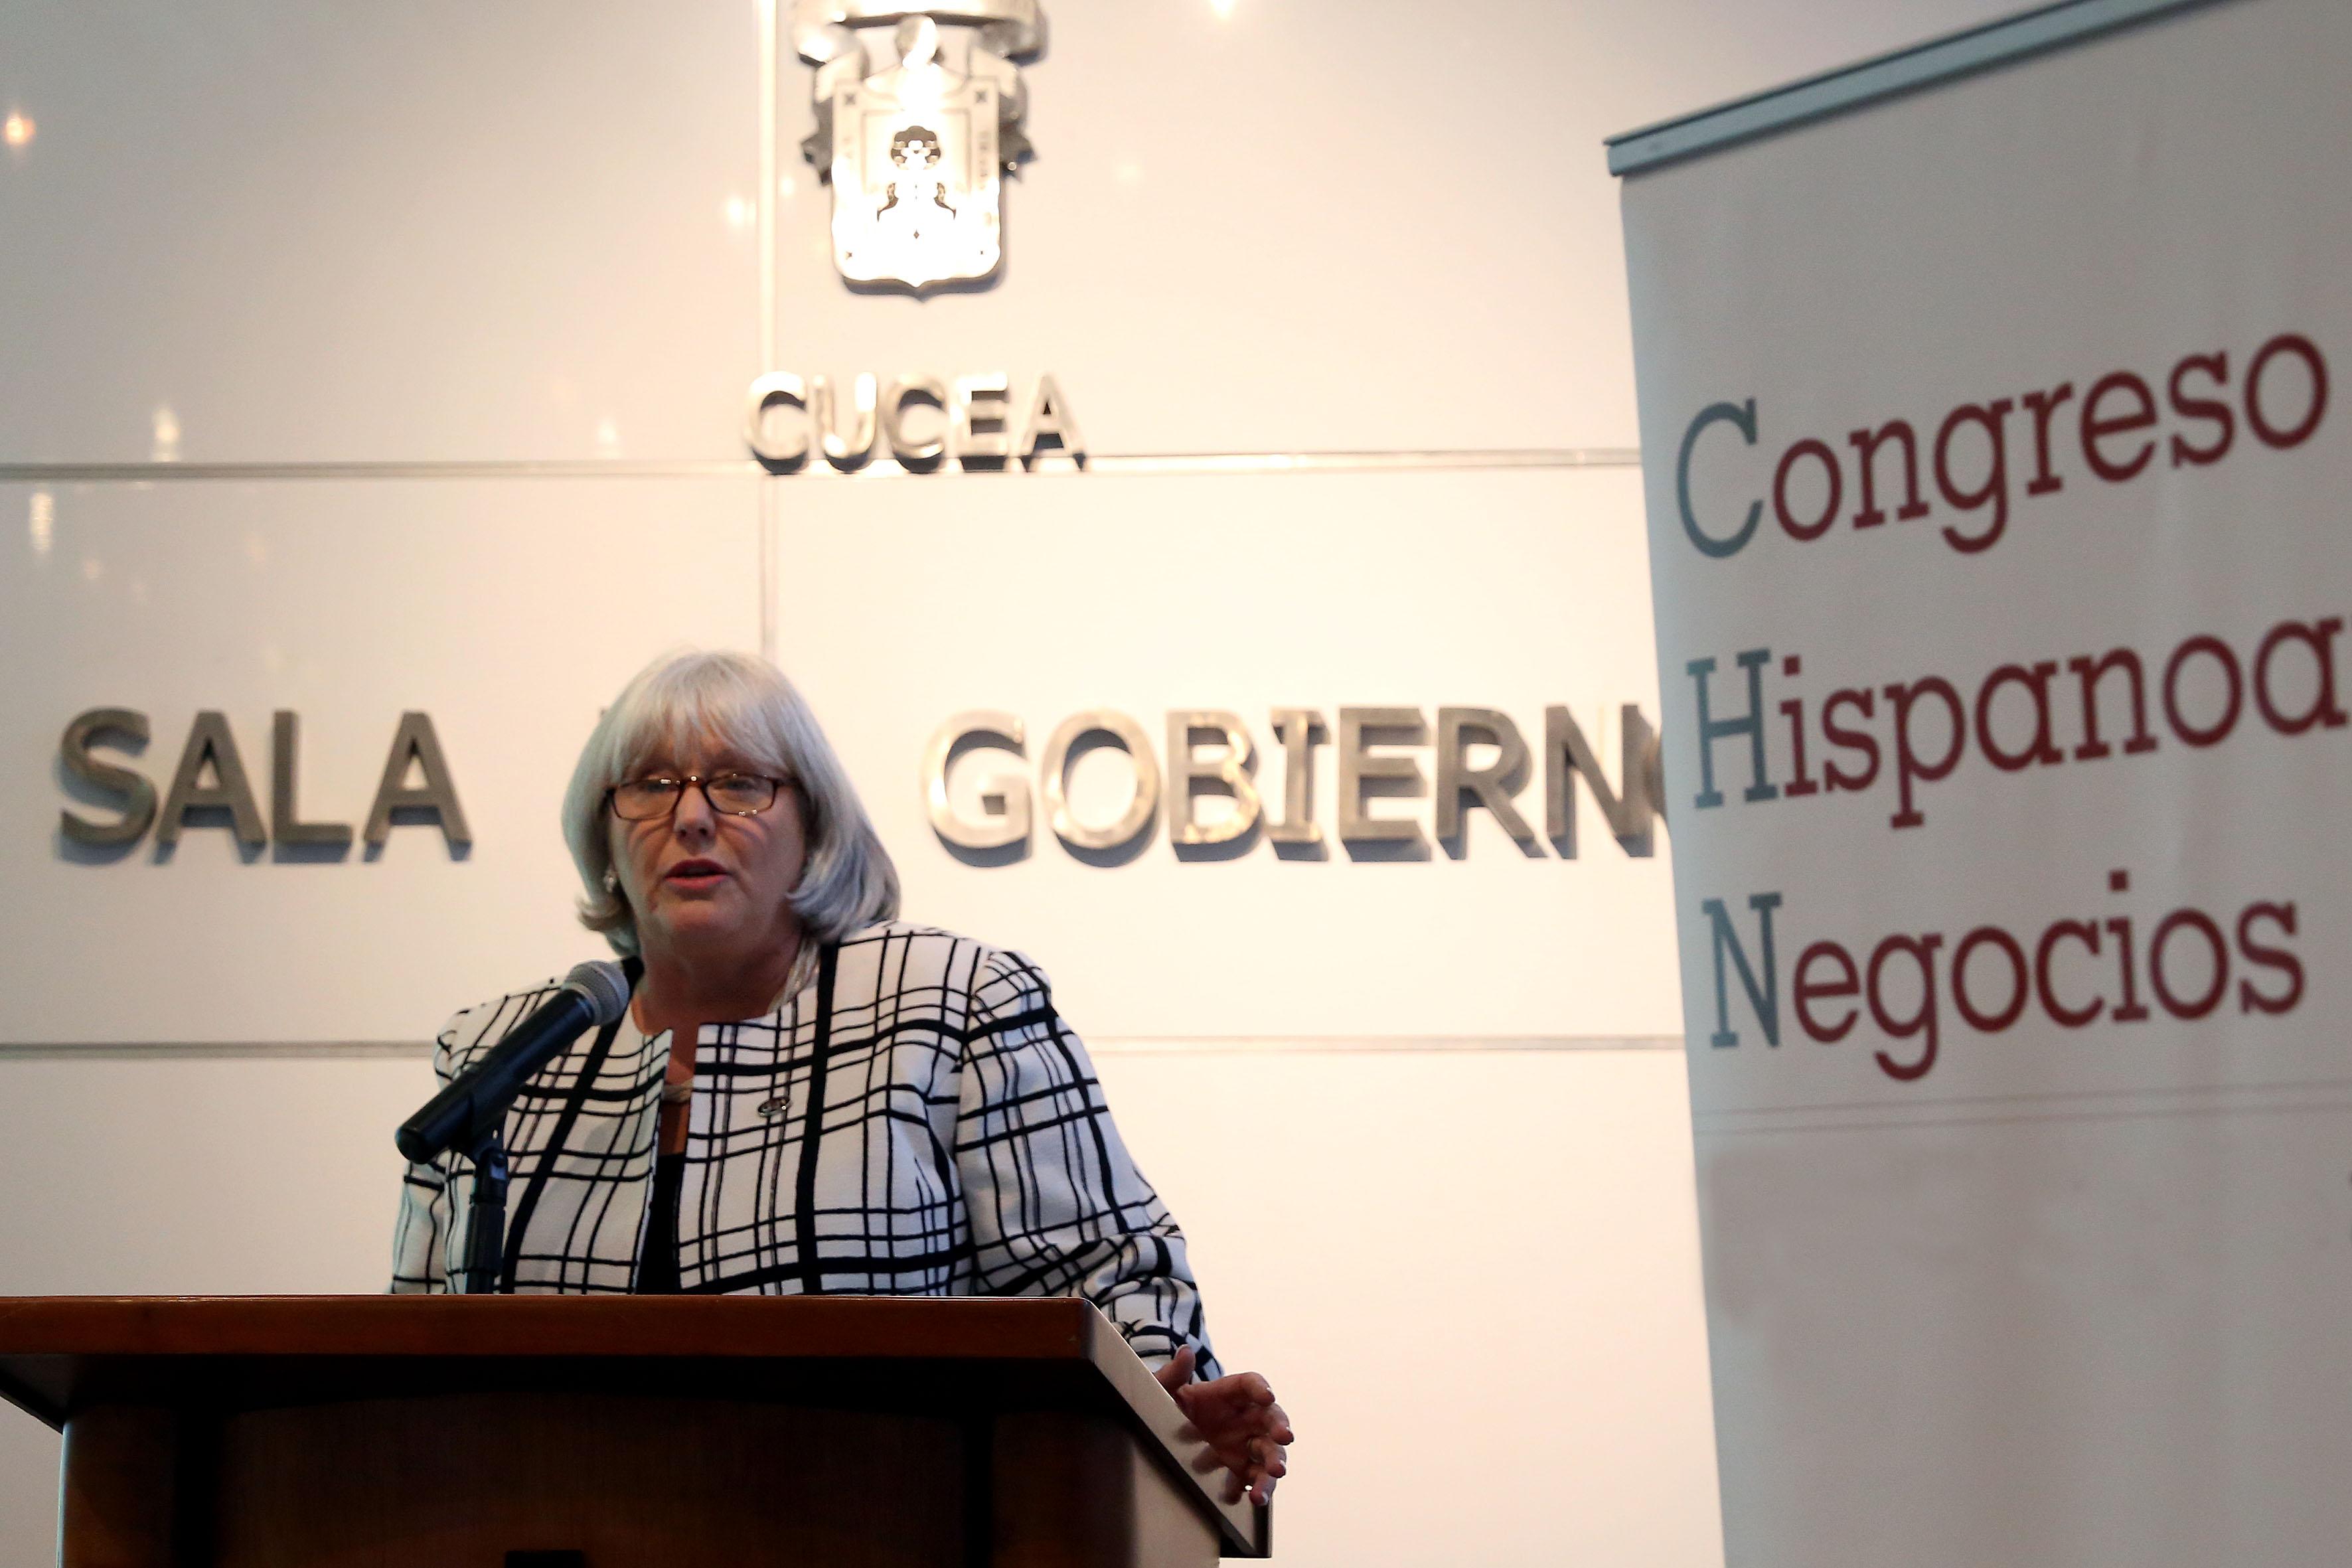 María Victoria Valencia, presidenta y fundadora del Congreso Hispanoamericano de Negocios.